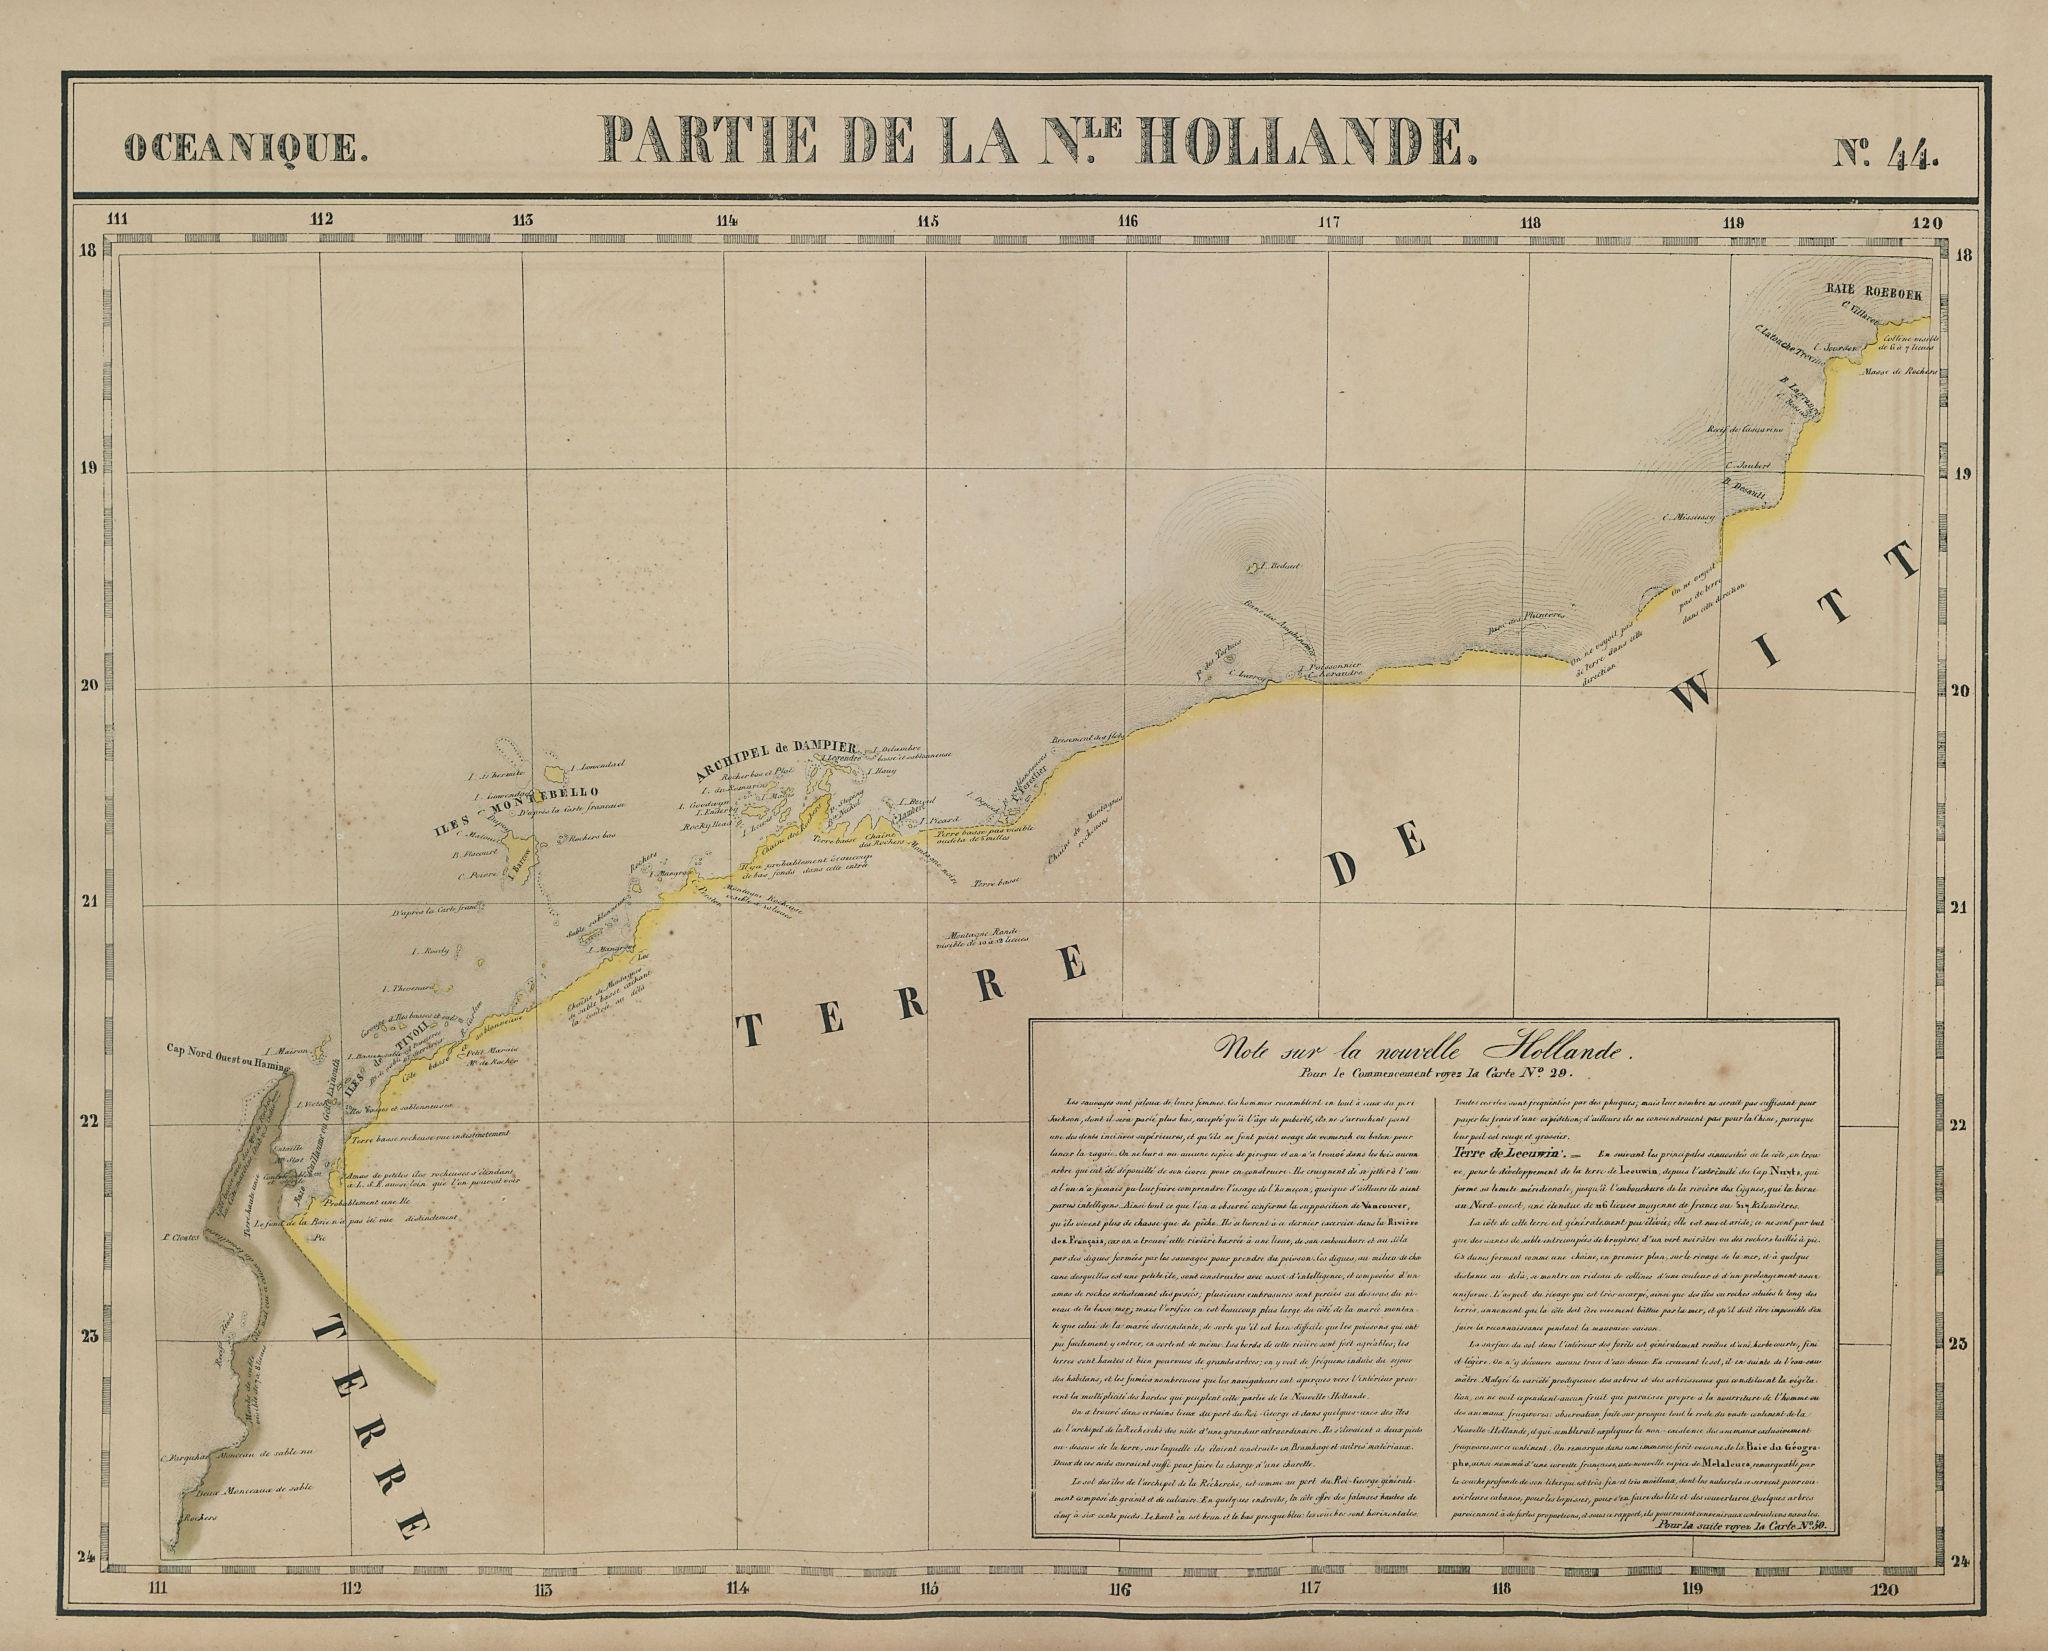 Océanique. Partie de la Nle Hollande #44 Western Australia VANDERMAELEN 1827 map